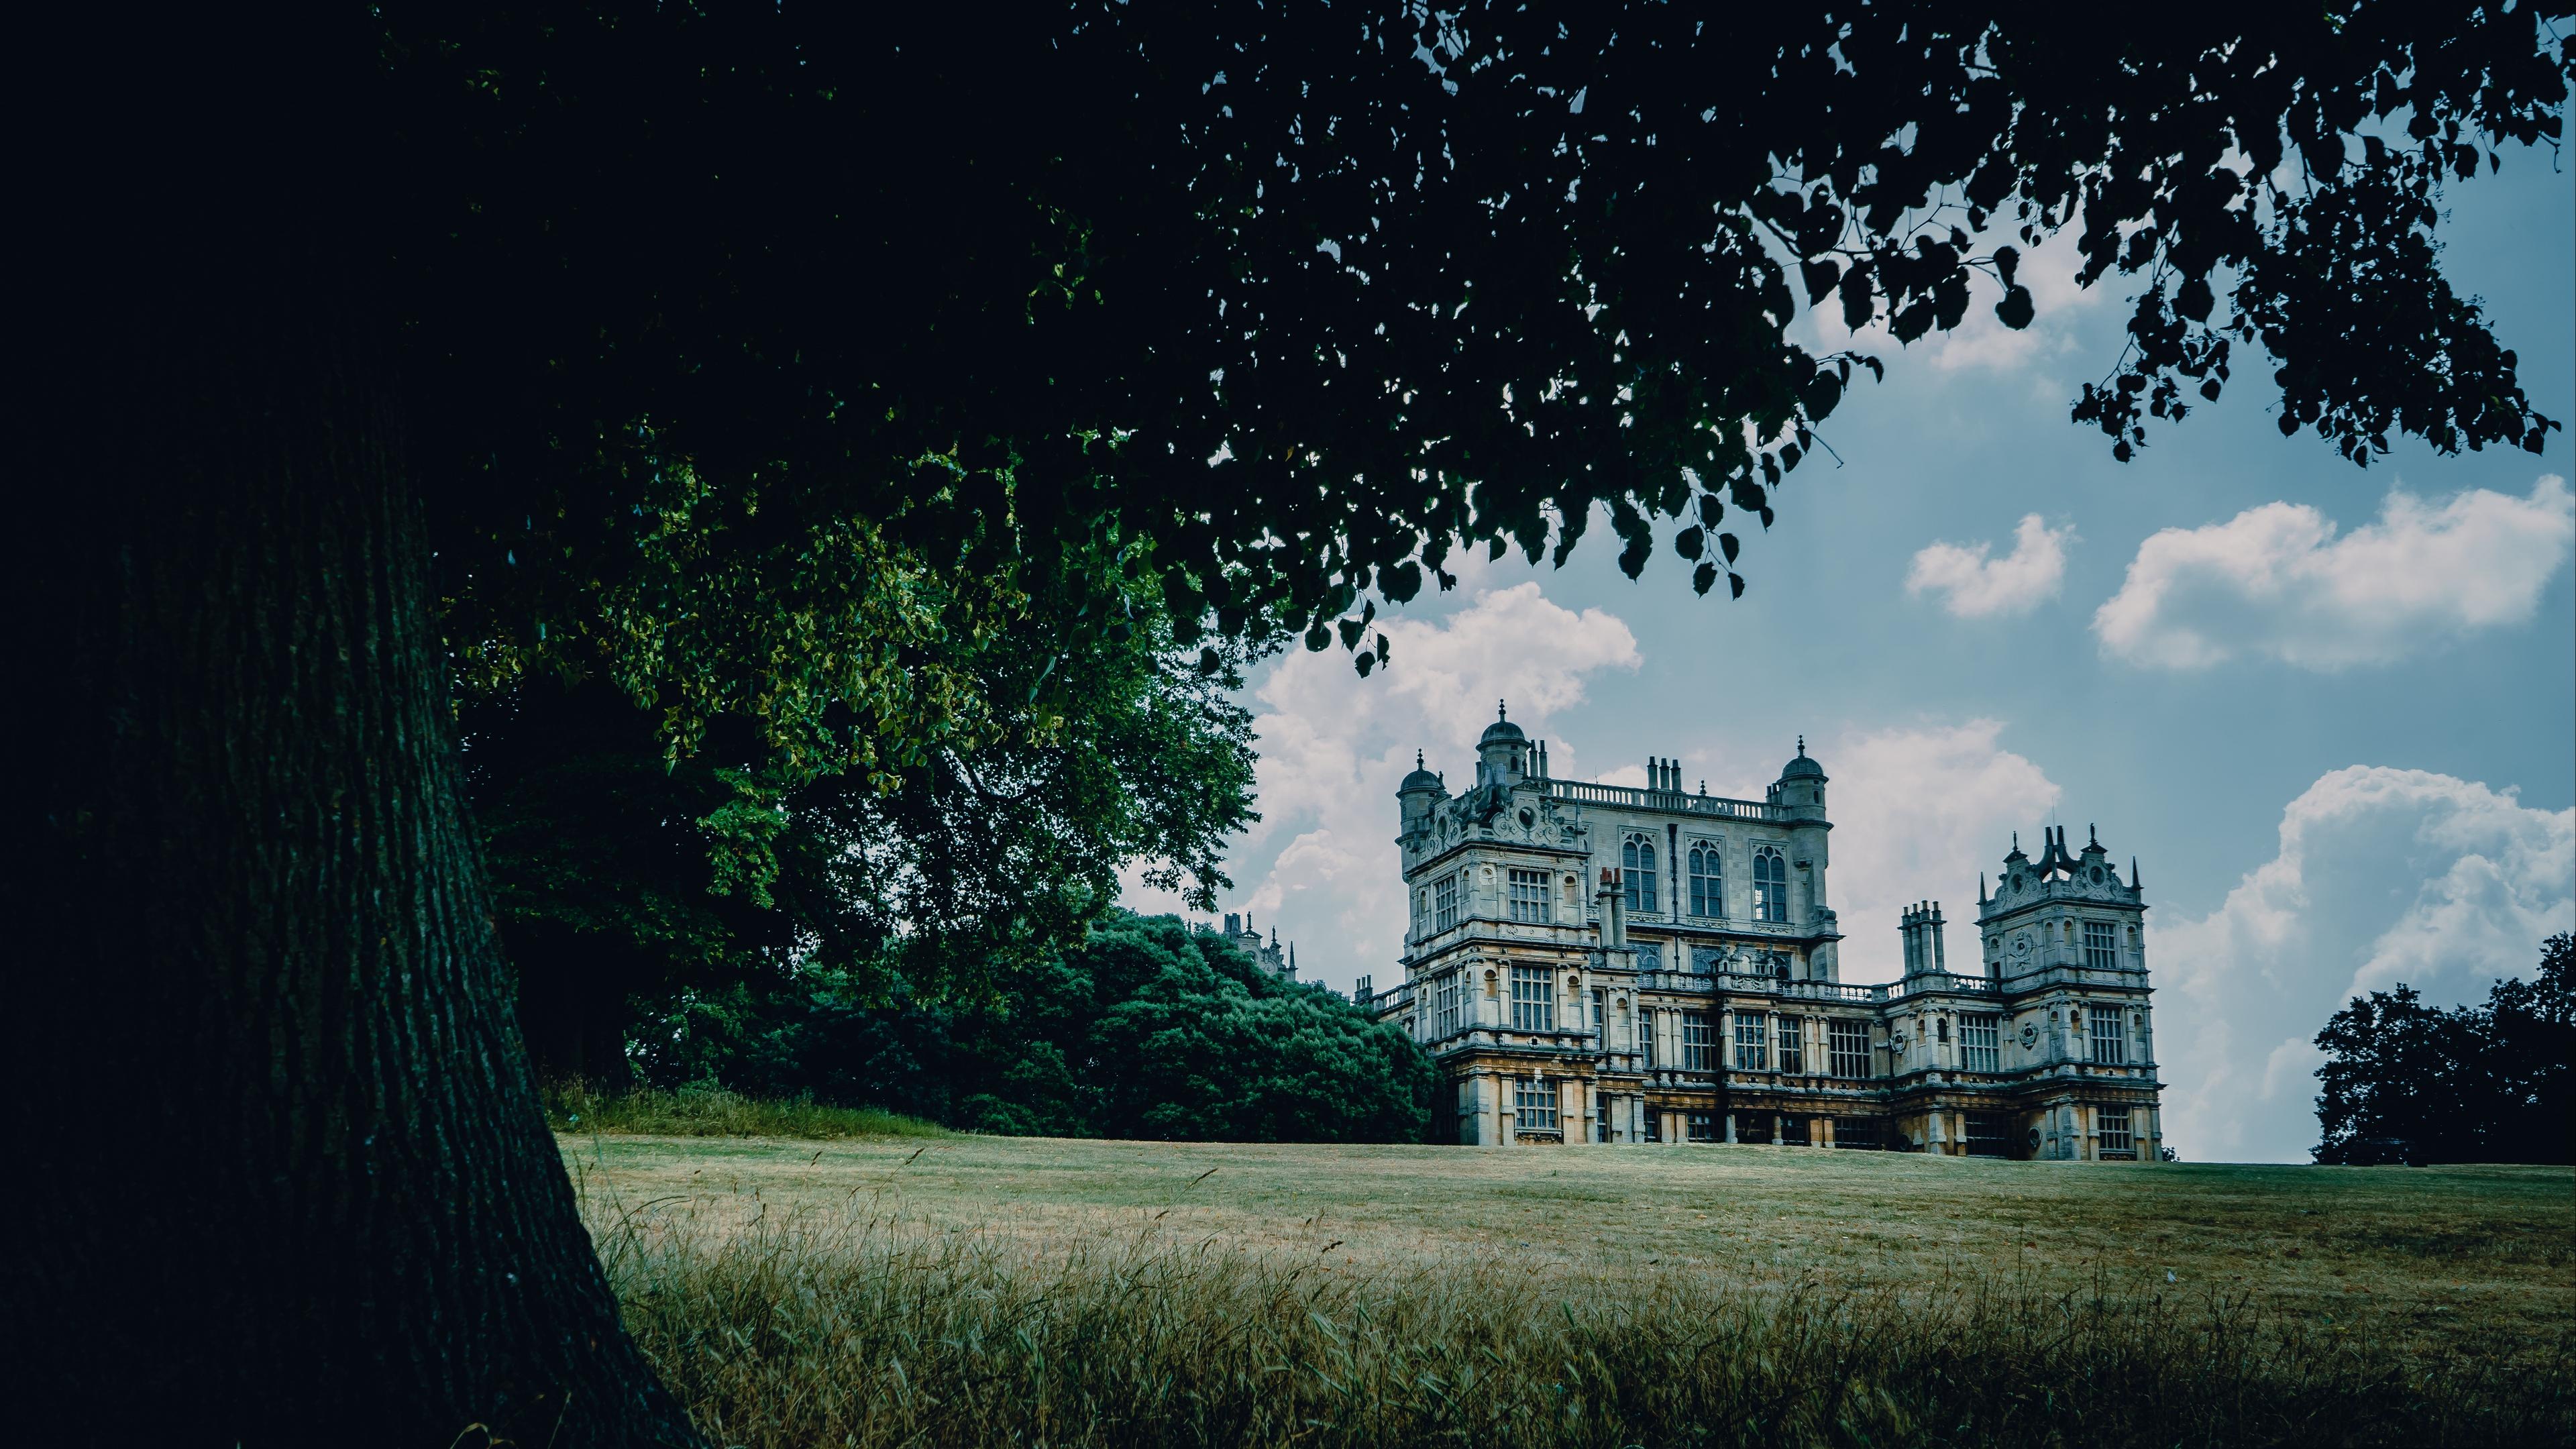 castle palace manor nottingham park house grass tree 4k 1538068179 - castle, palace, manor, nottingham, park, house, grass, tree 4k - Palace, Manor, Castle